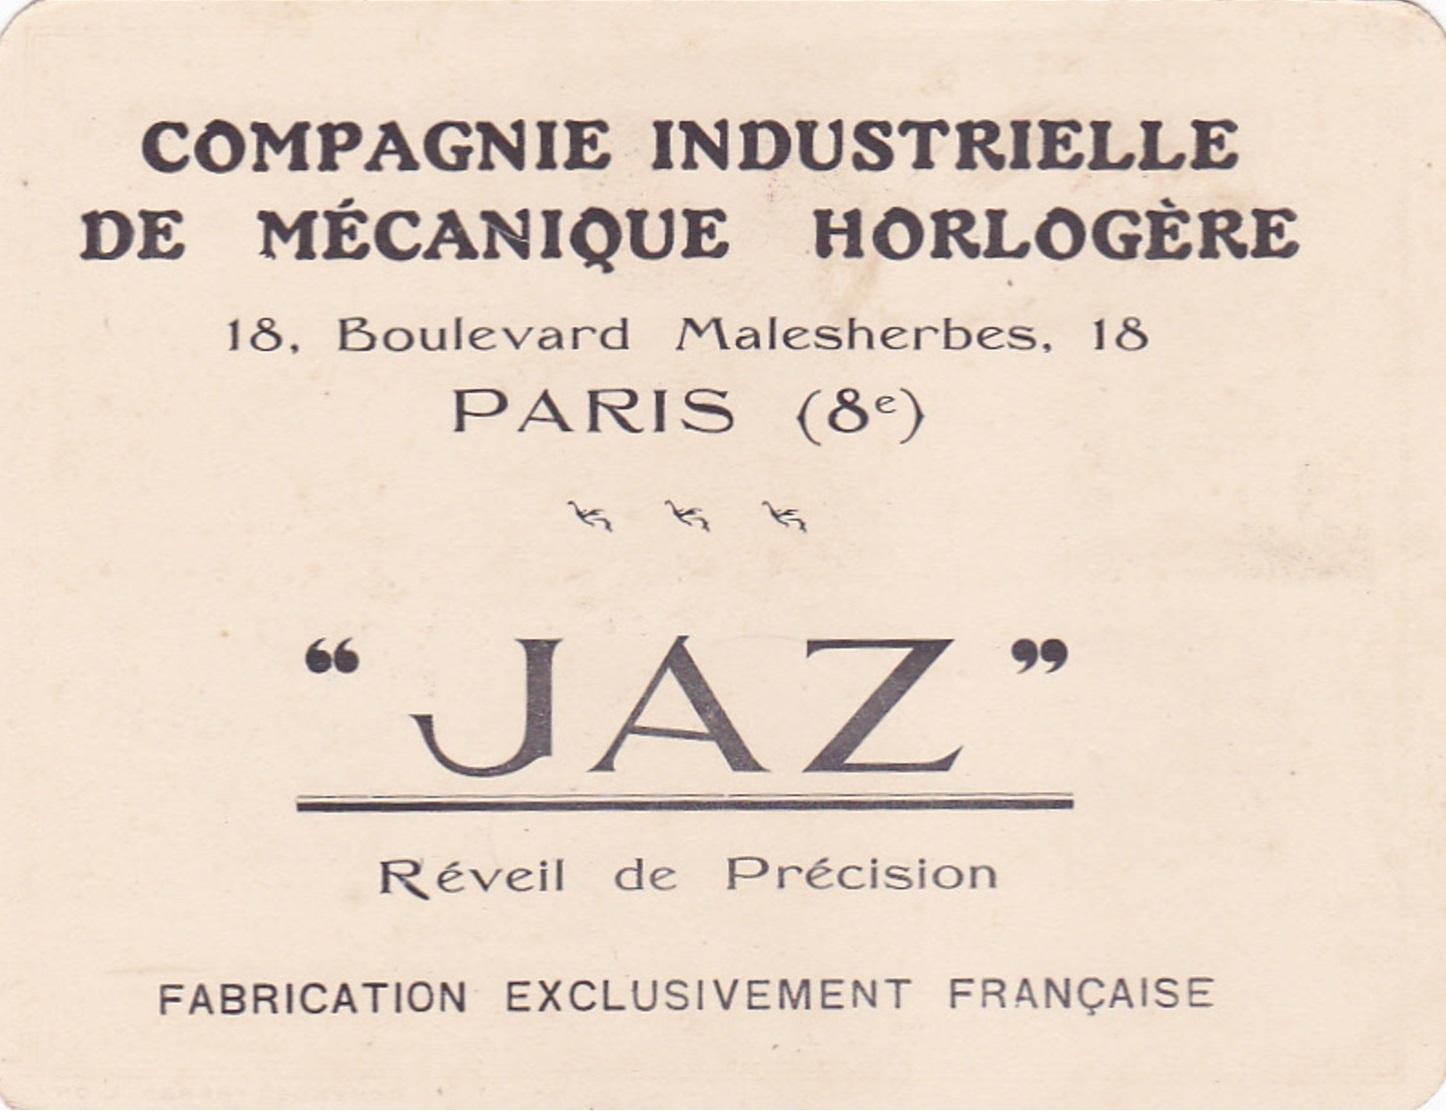 Carte acheteur 1924 CIMH.jpg verso